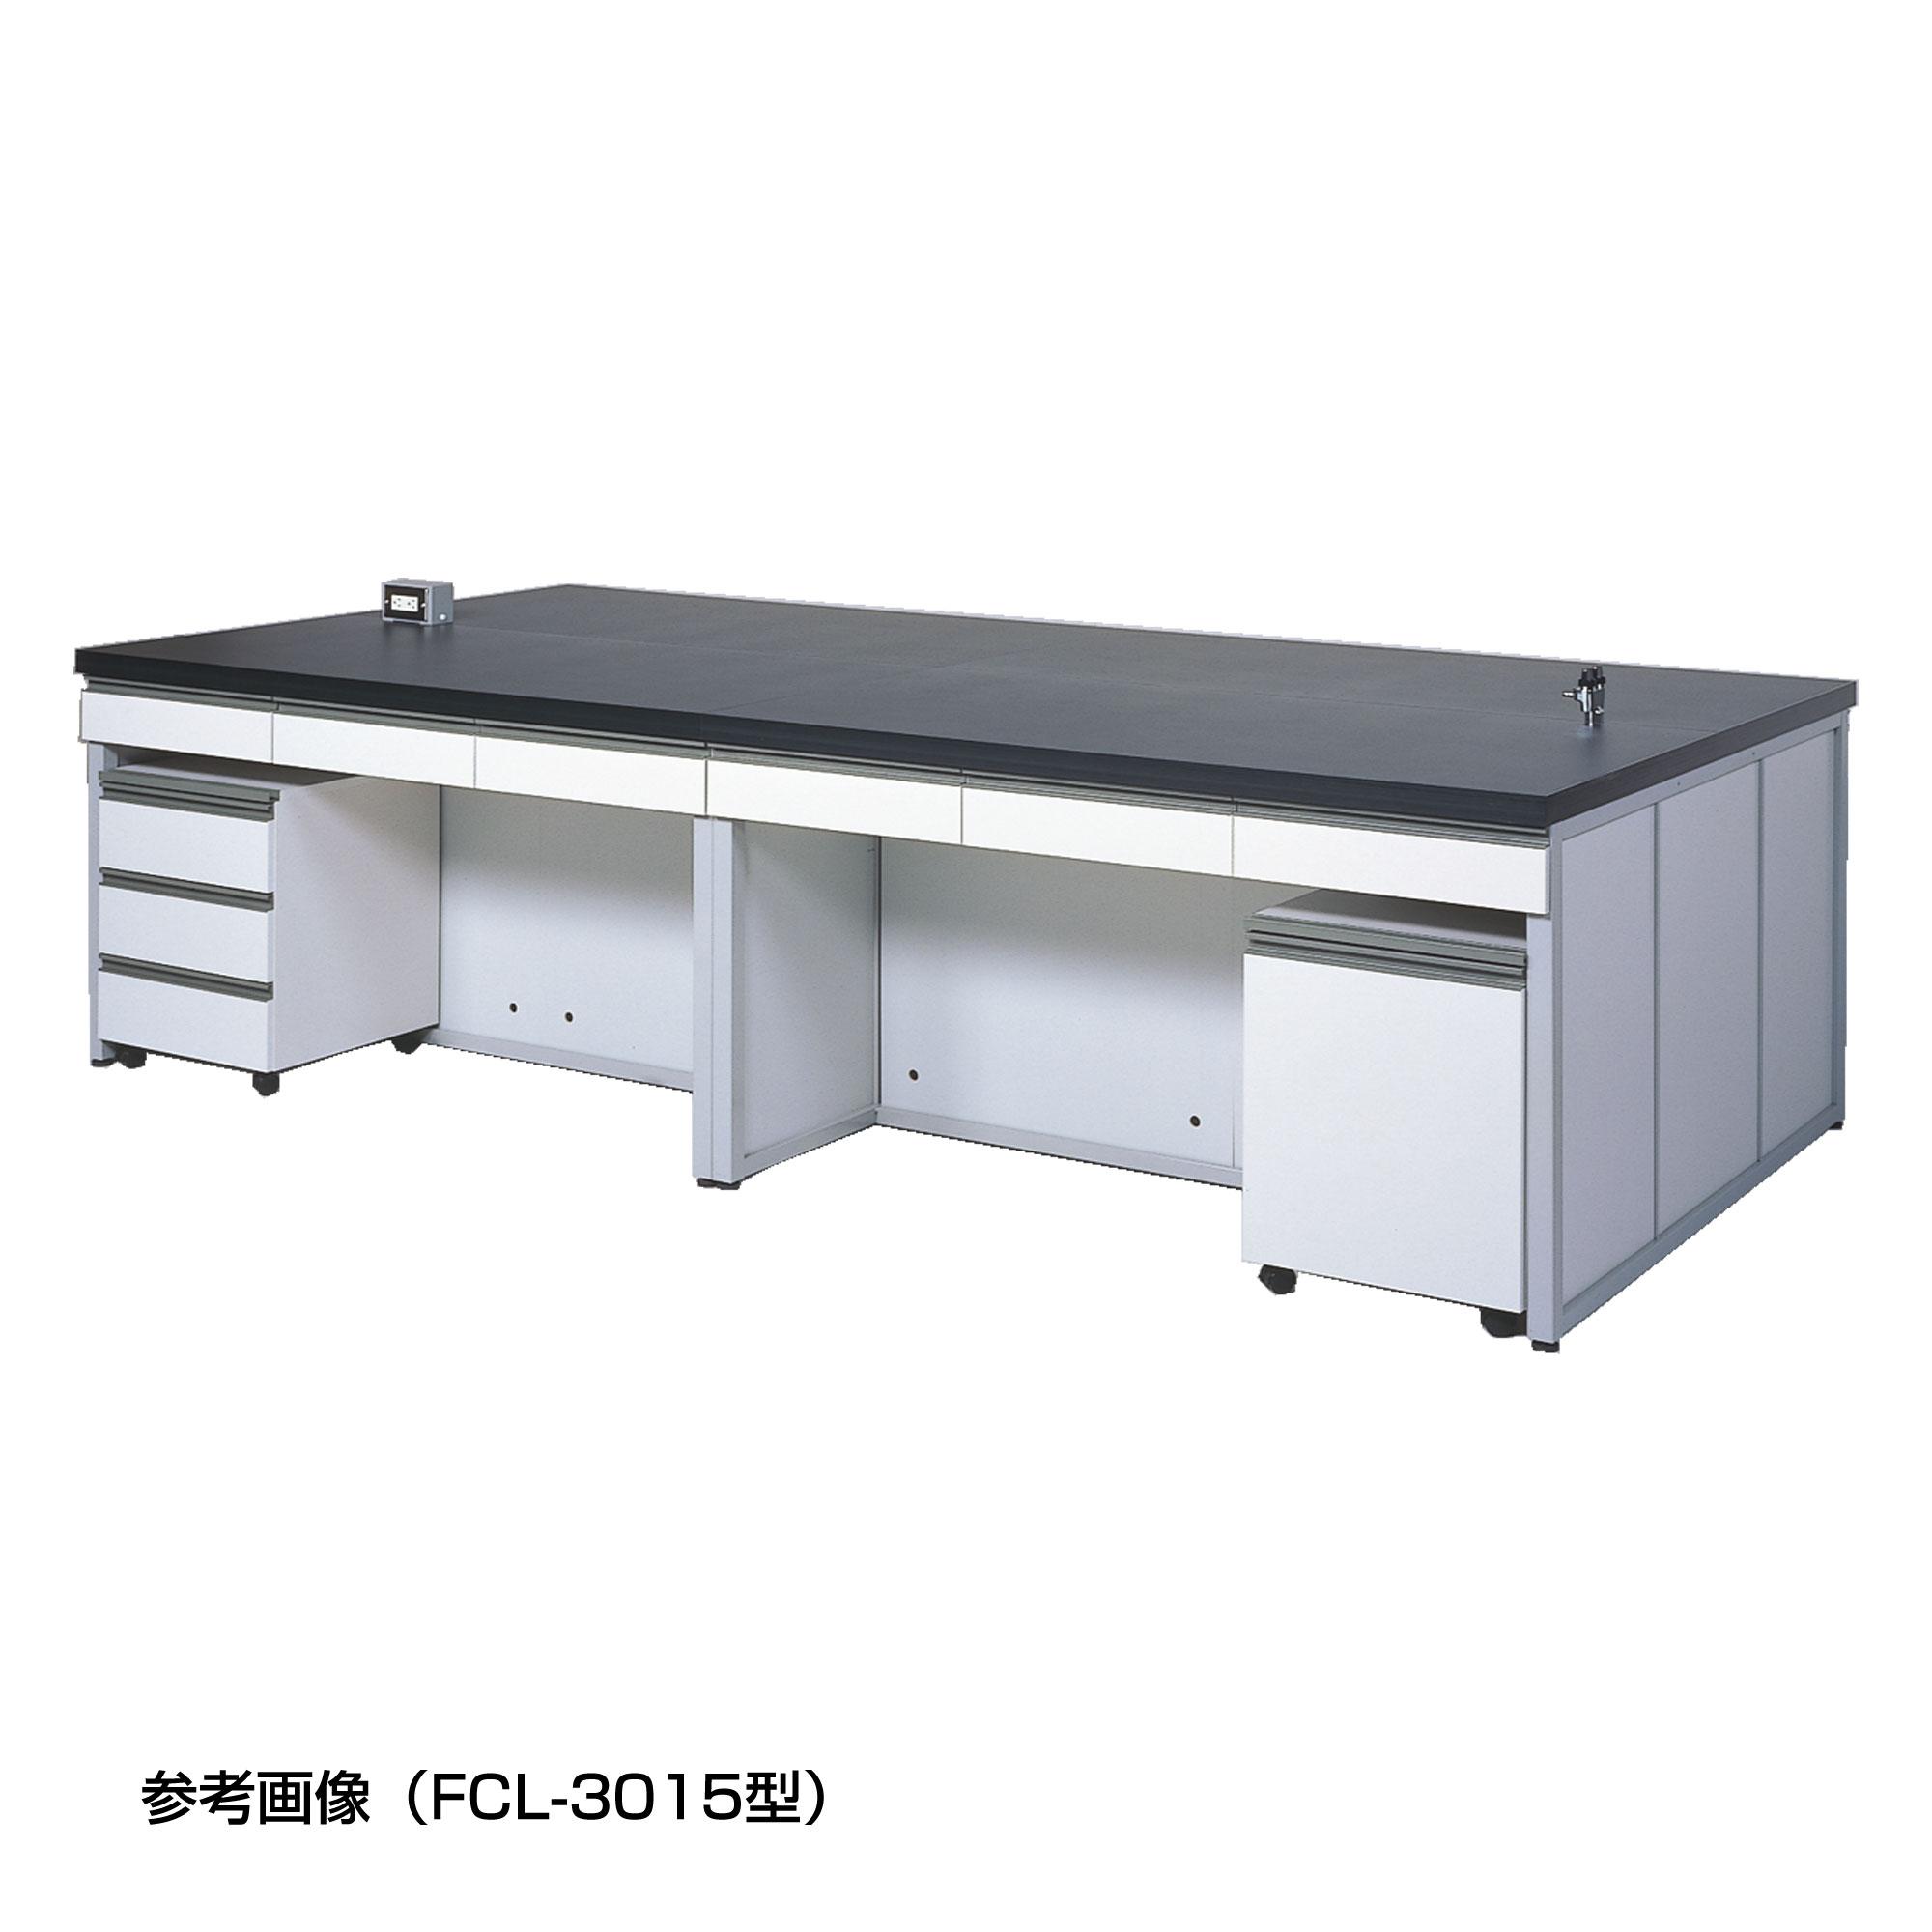 中央実験台 スチールフレーム製(ワゴンユニット付) FCLシリーズ